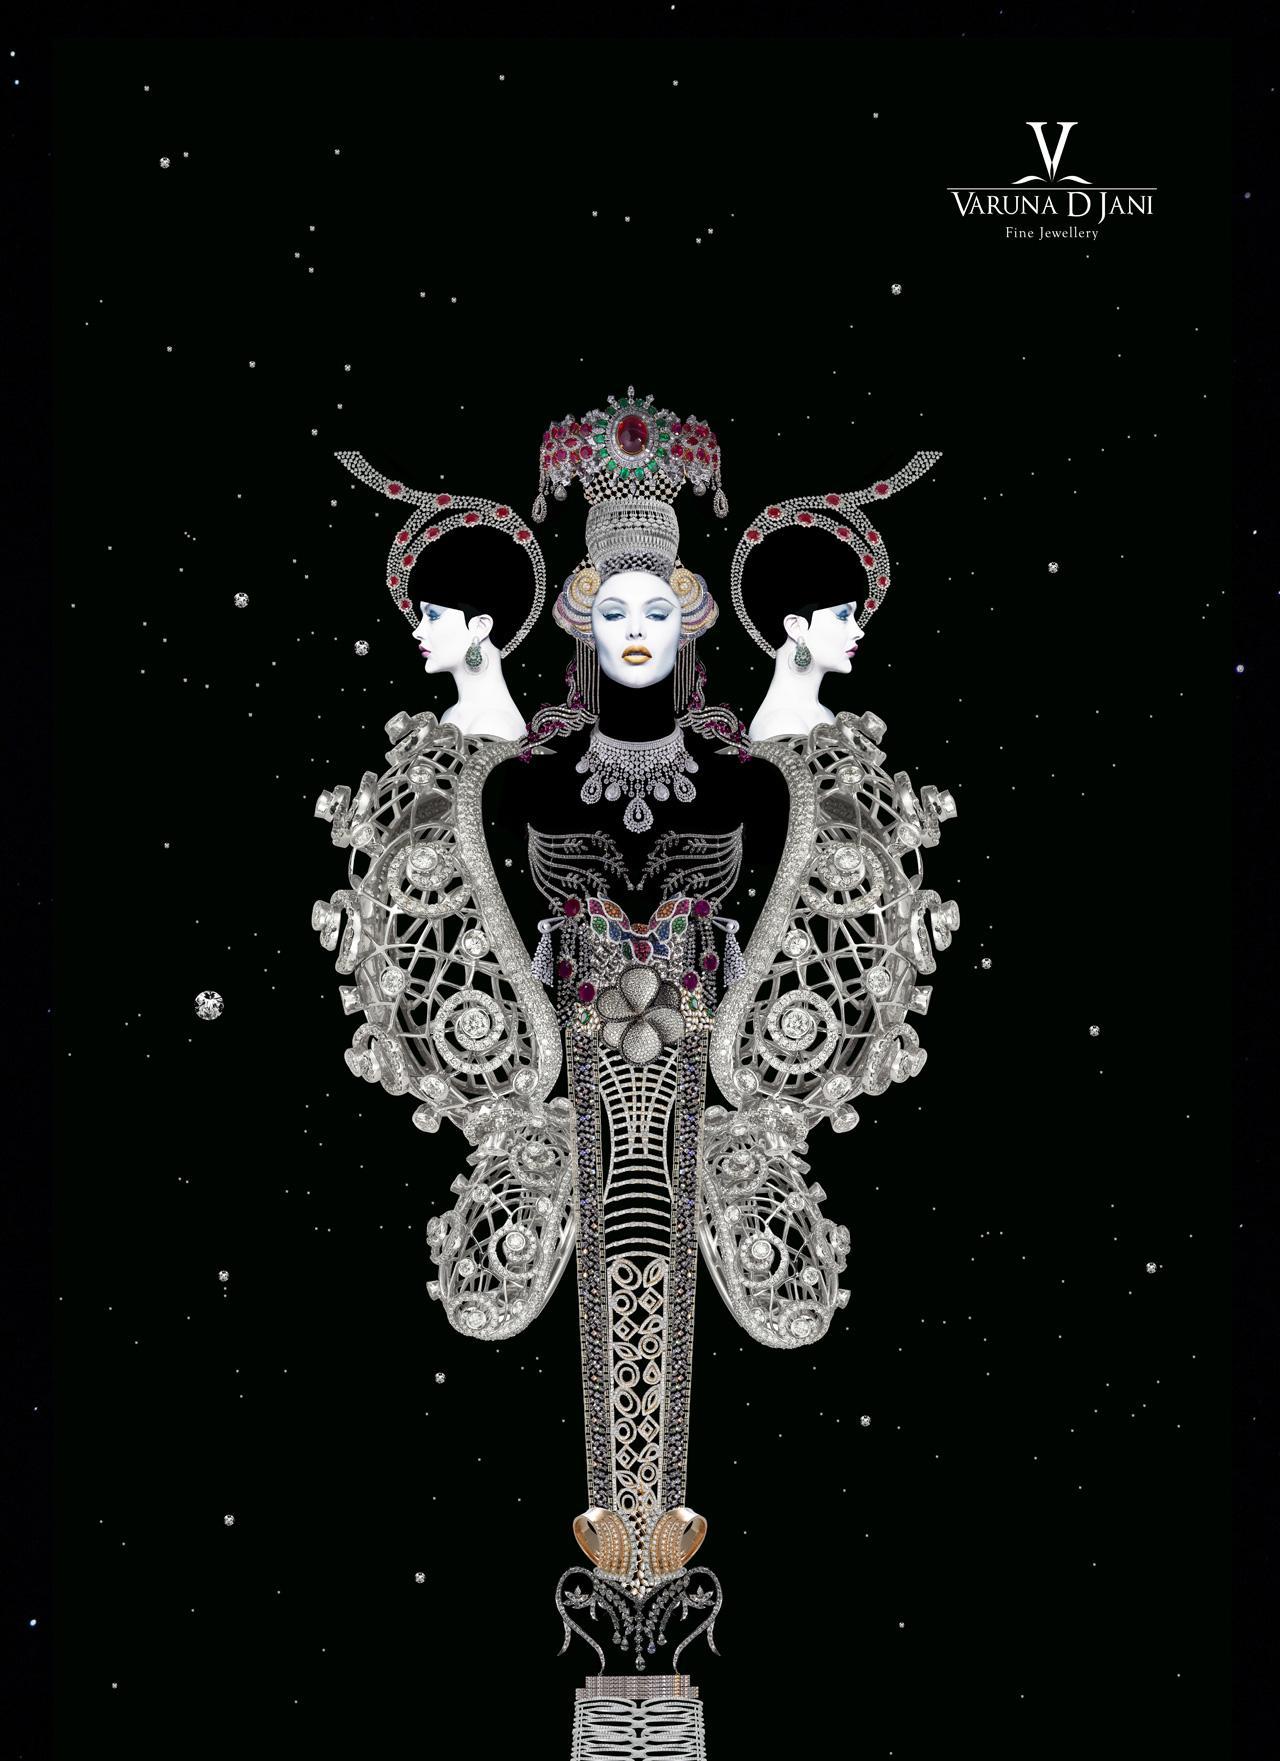 Varuna D Jani Outdoor Ad -  Sacred Feminine, 6